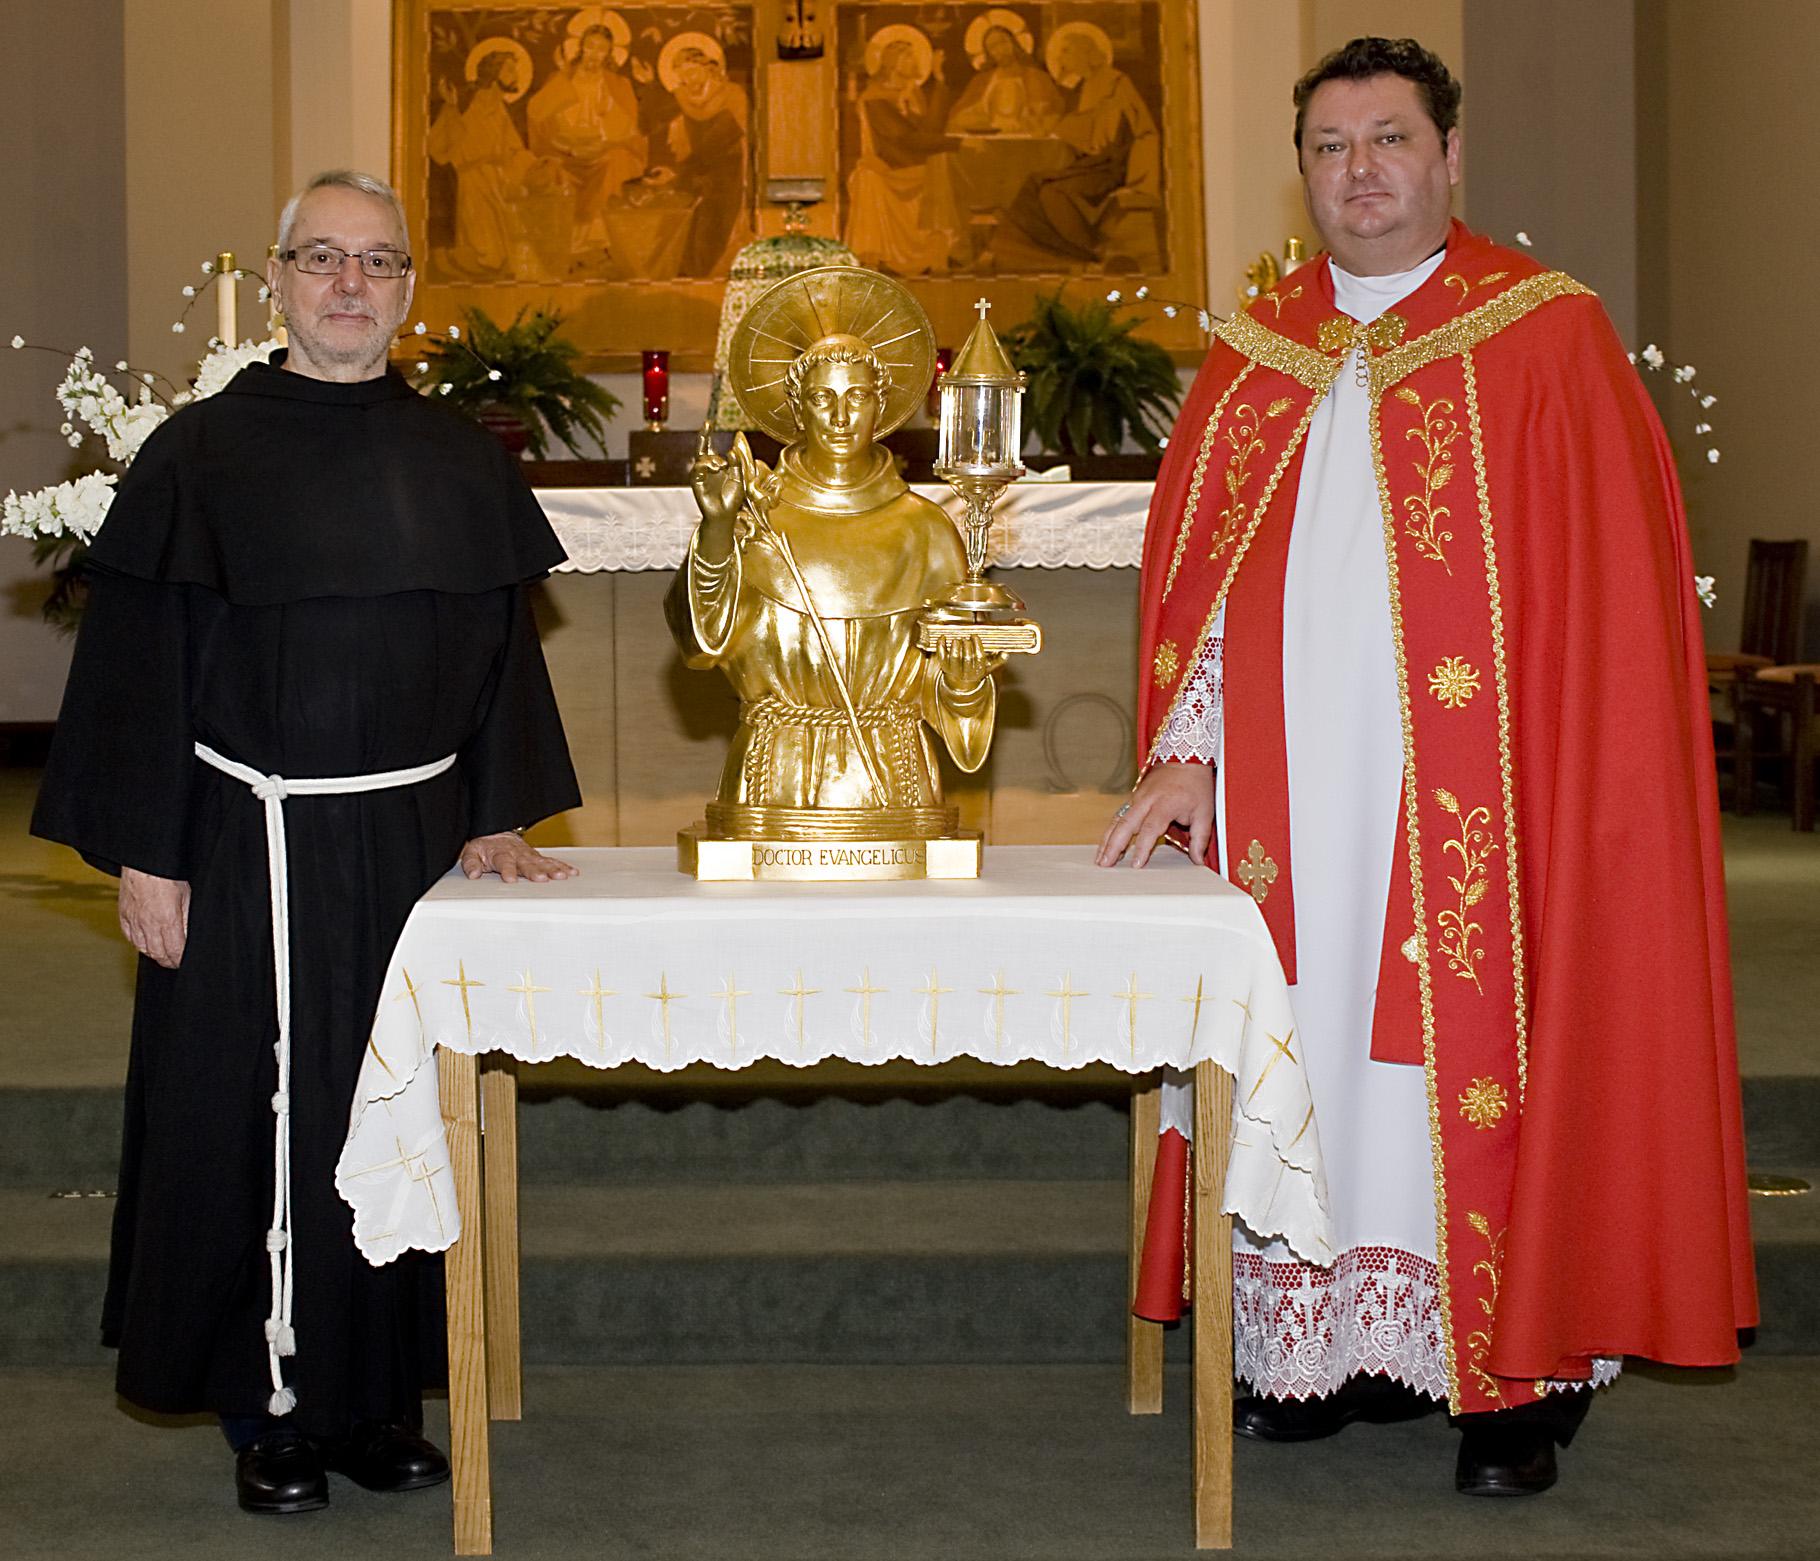 Michael Skolosh - 180616 St Anthony Relics 7 Skol